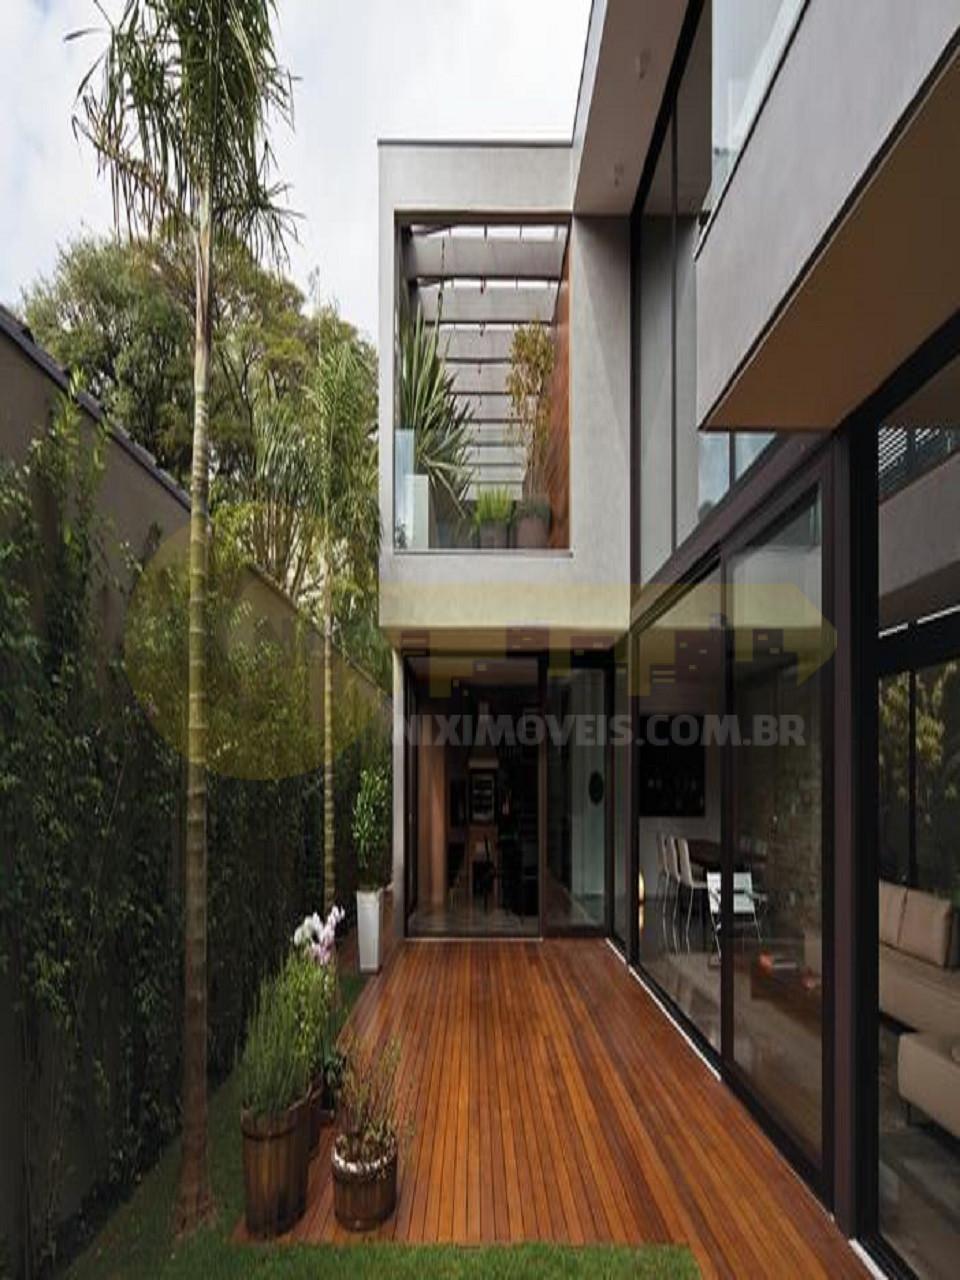 Vende Casa Alto Padrao na Vila Madalena 400m² endereço nobre em Pinheiros. Próximo Parque Villa Lobos e Praça Pôr do Sol. Ótimo investimento e oportunidade!